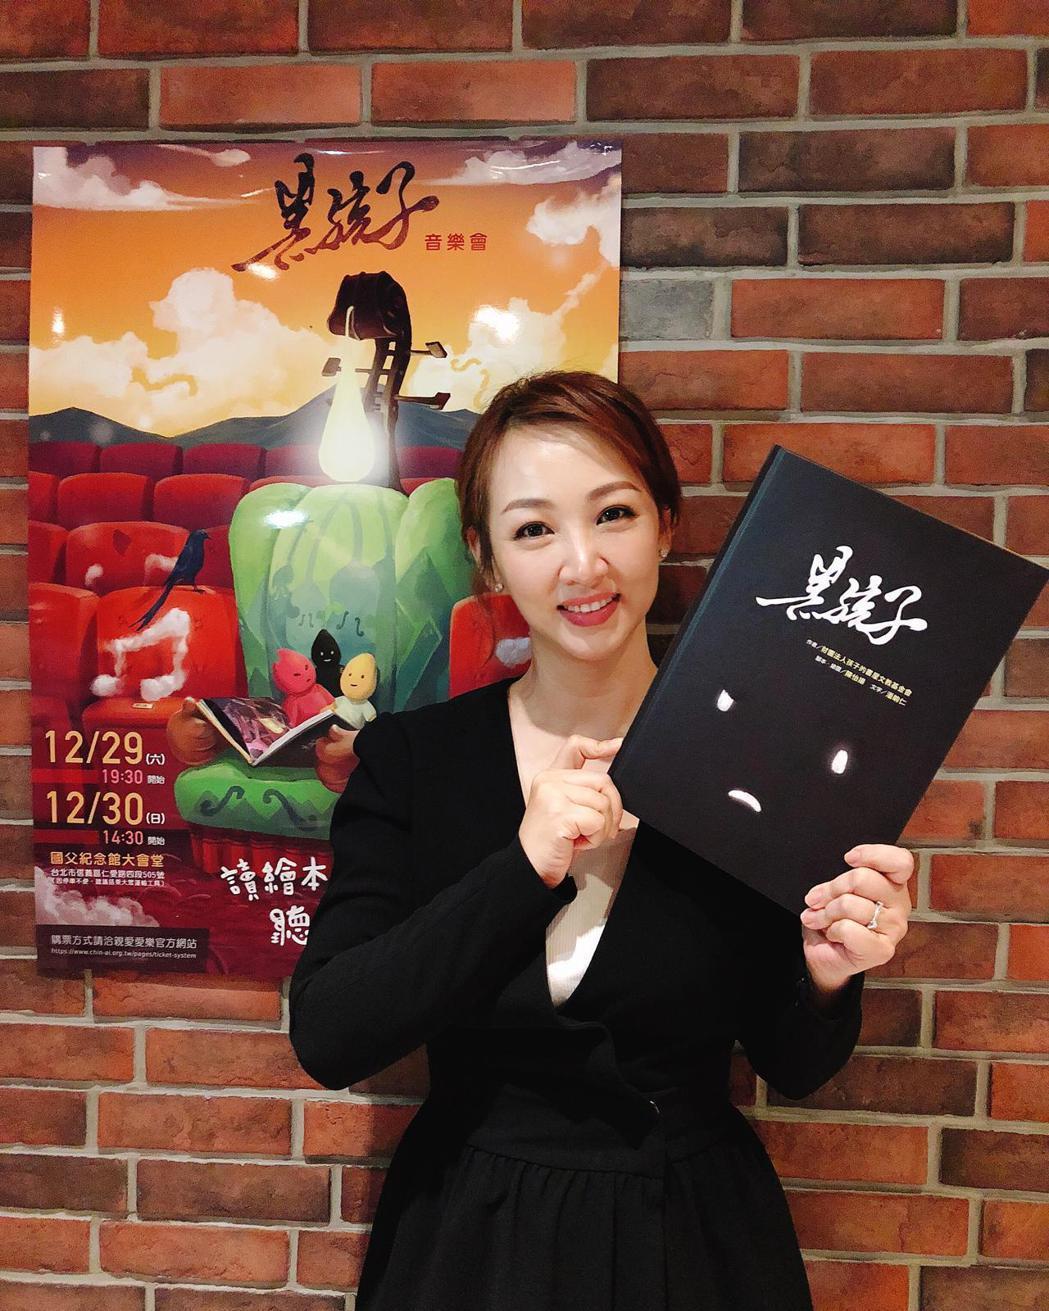 郁方擔任親愛愛樂基金會董事。圖/經紀人提供